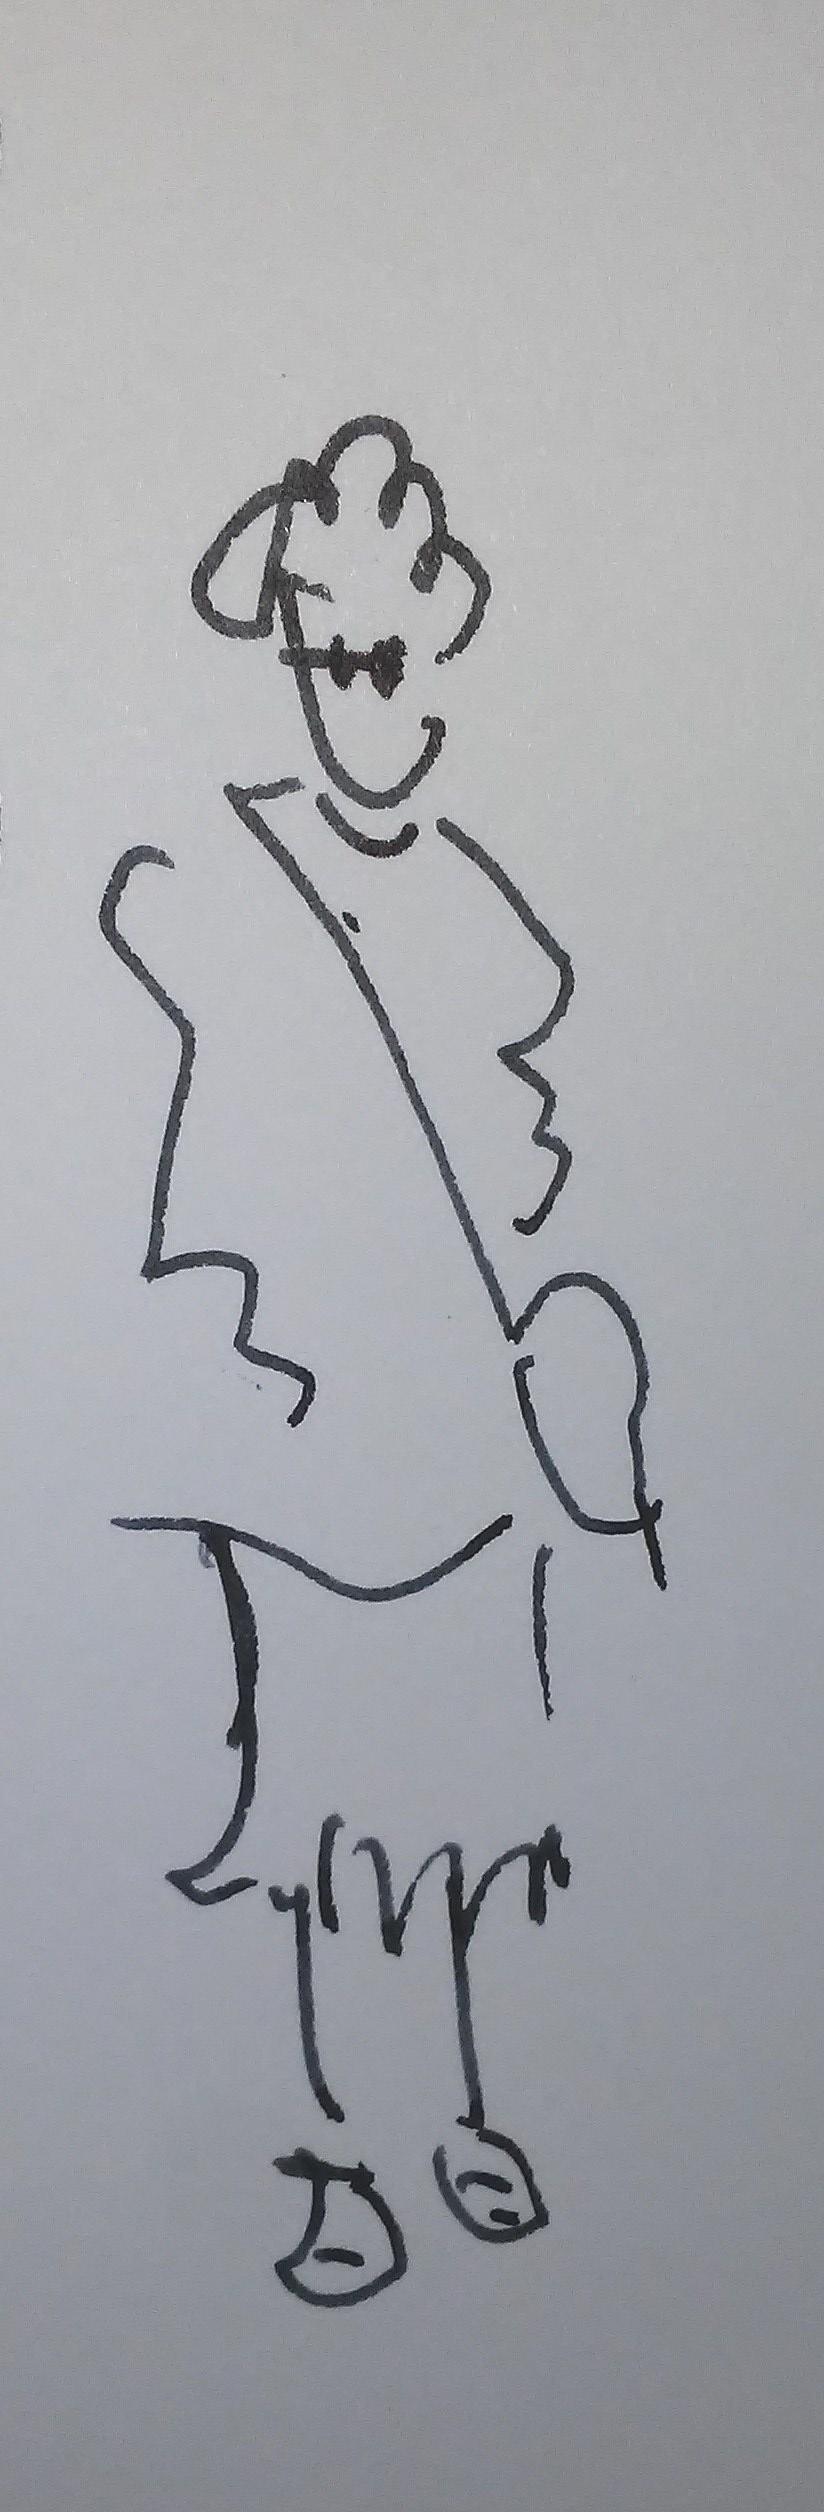 woman-walking-this-way-20190926.jpg